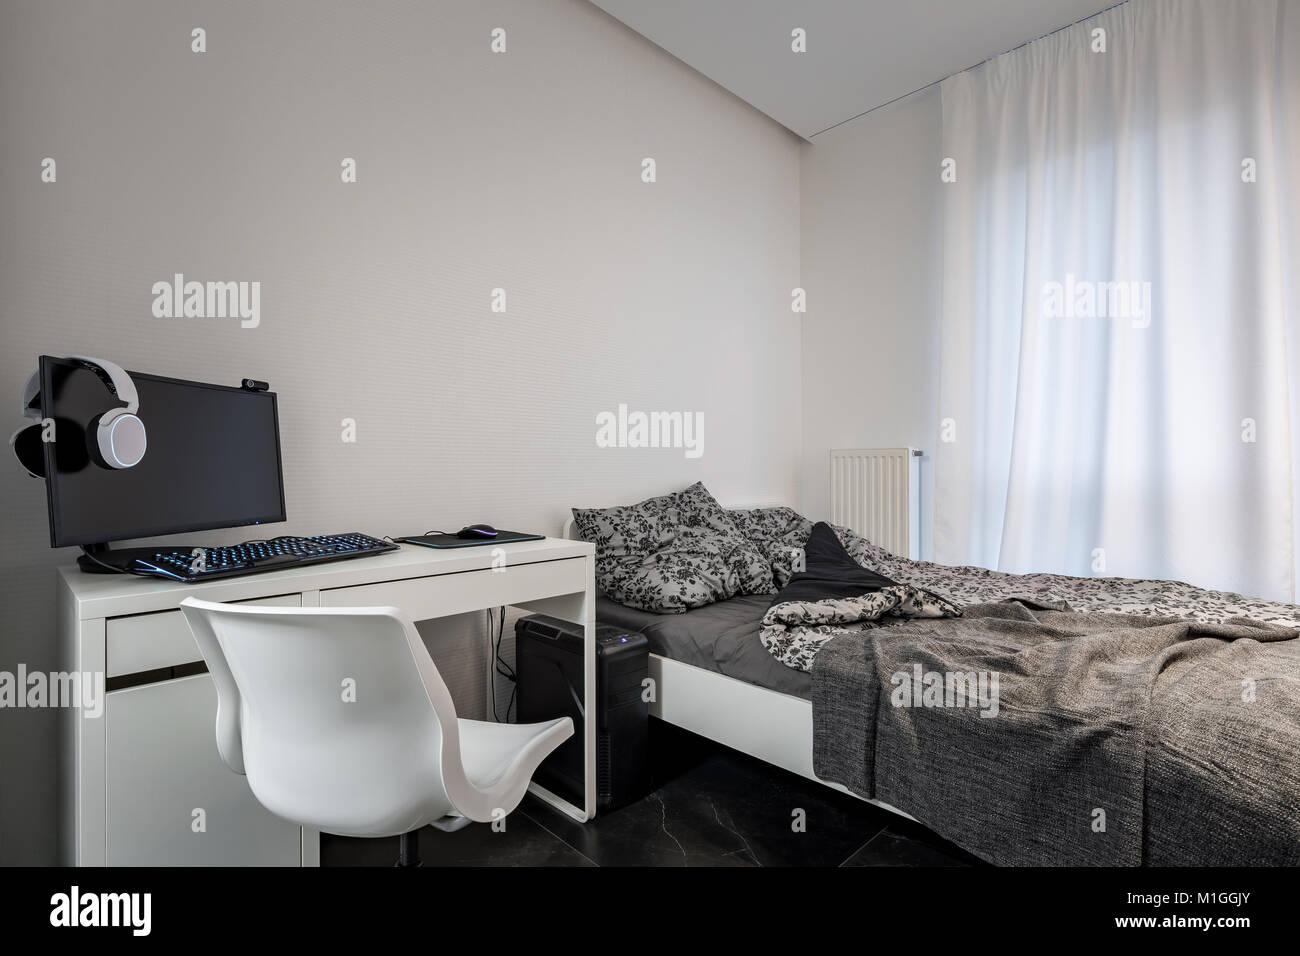 Camere Da Letto Singolo.Camera Da Letto Con Letto Singolo Bianco Scrivania E Sedia Foto